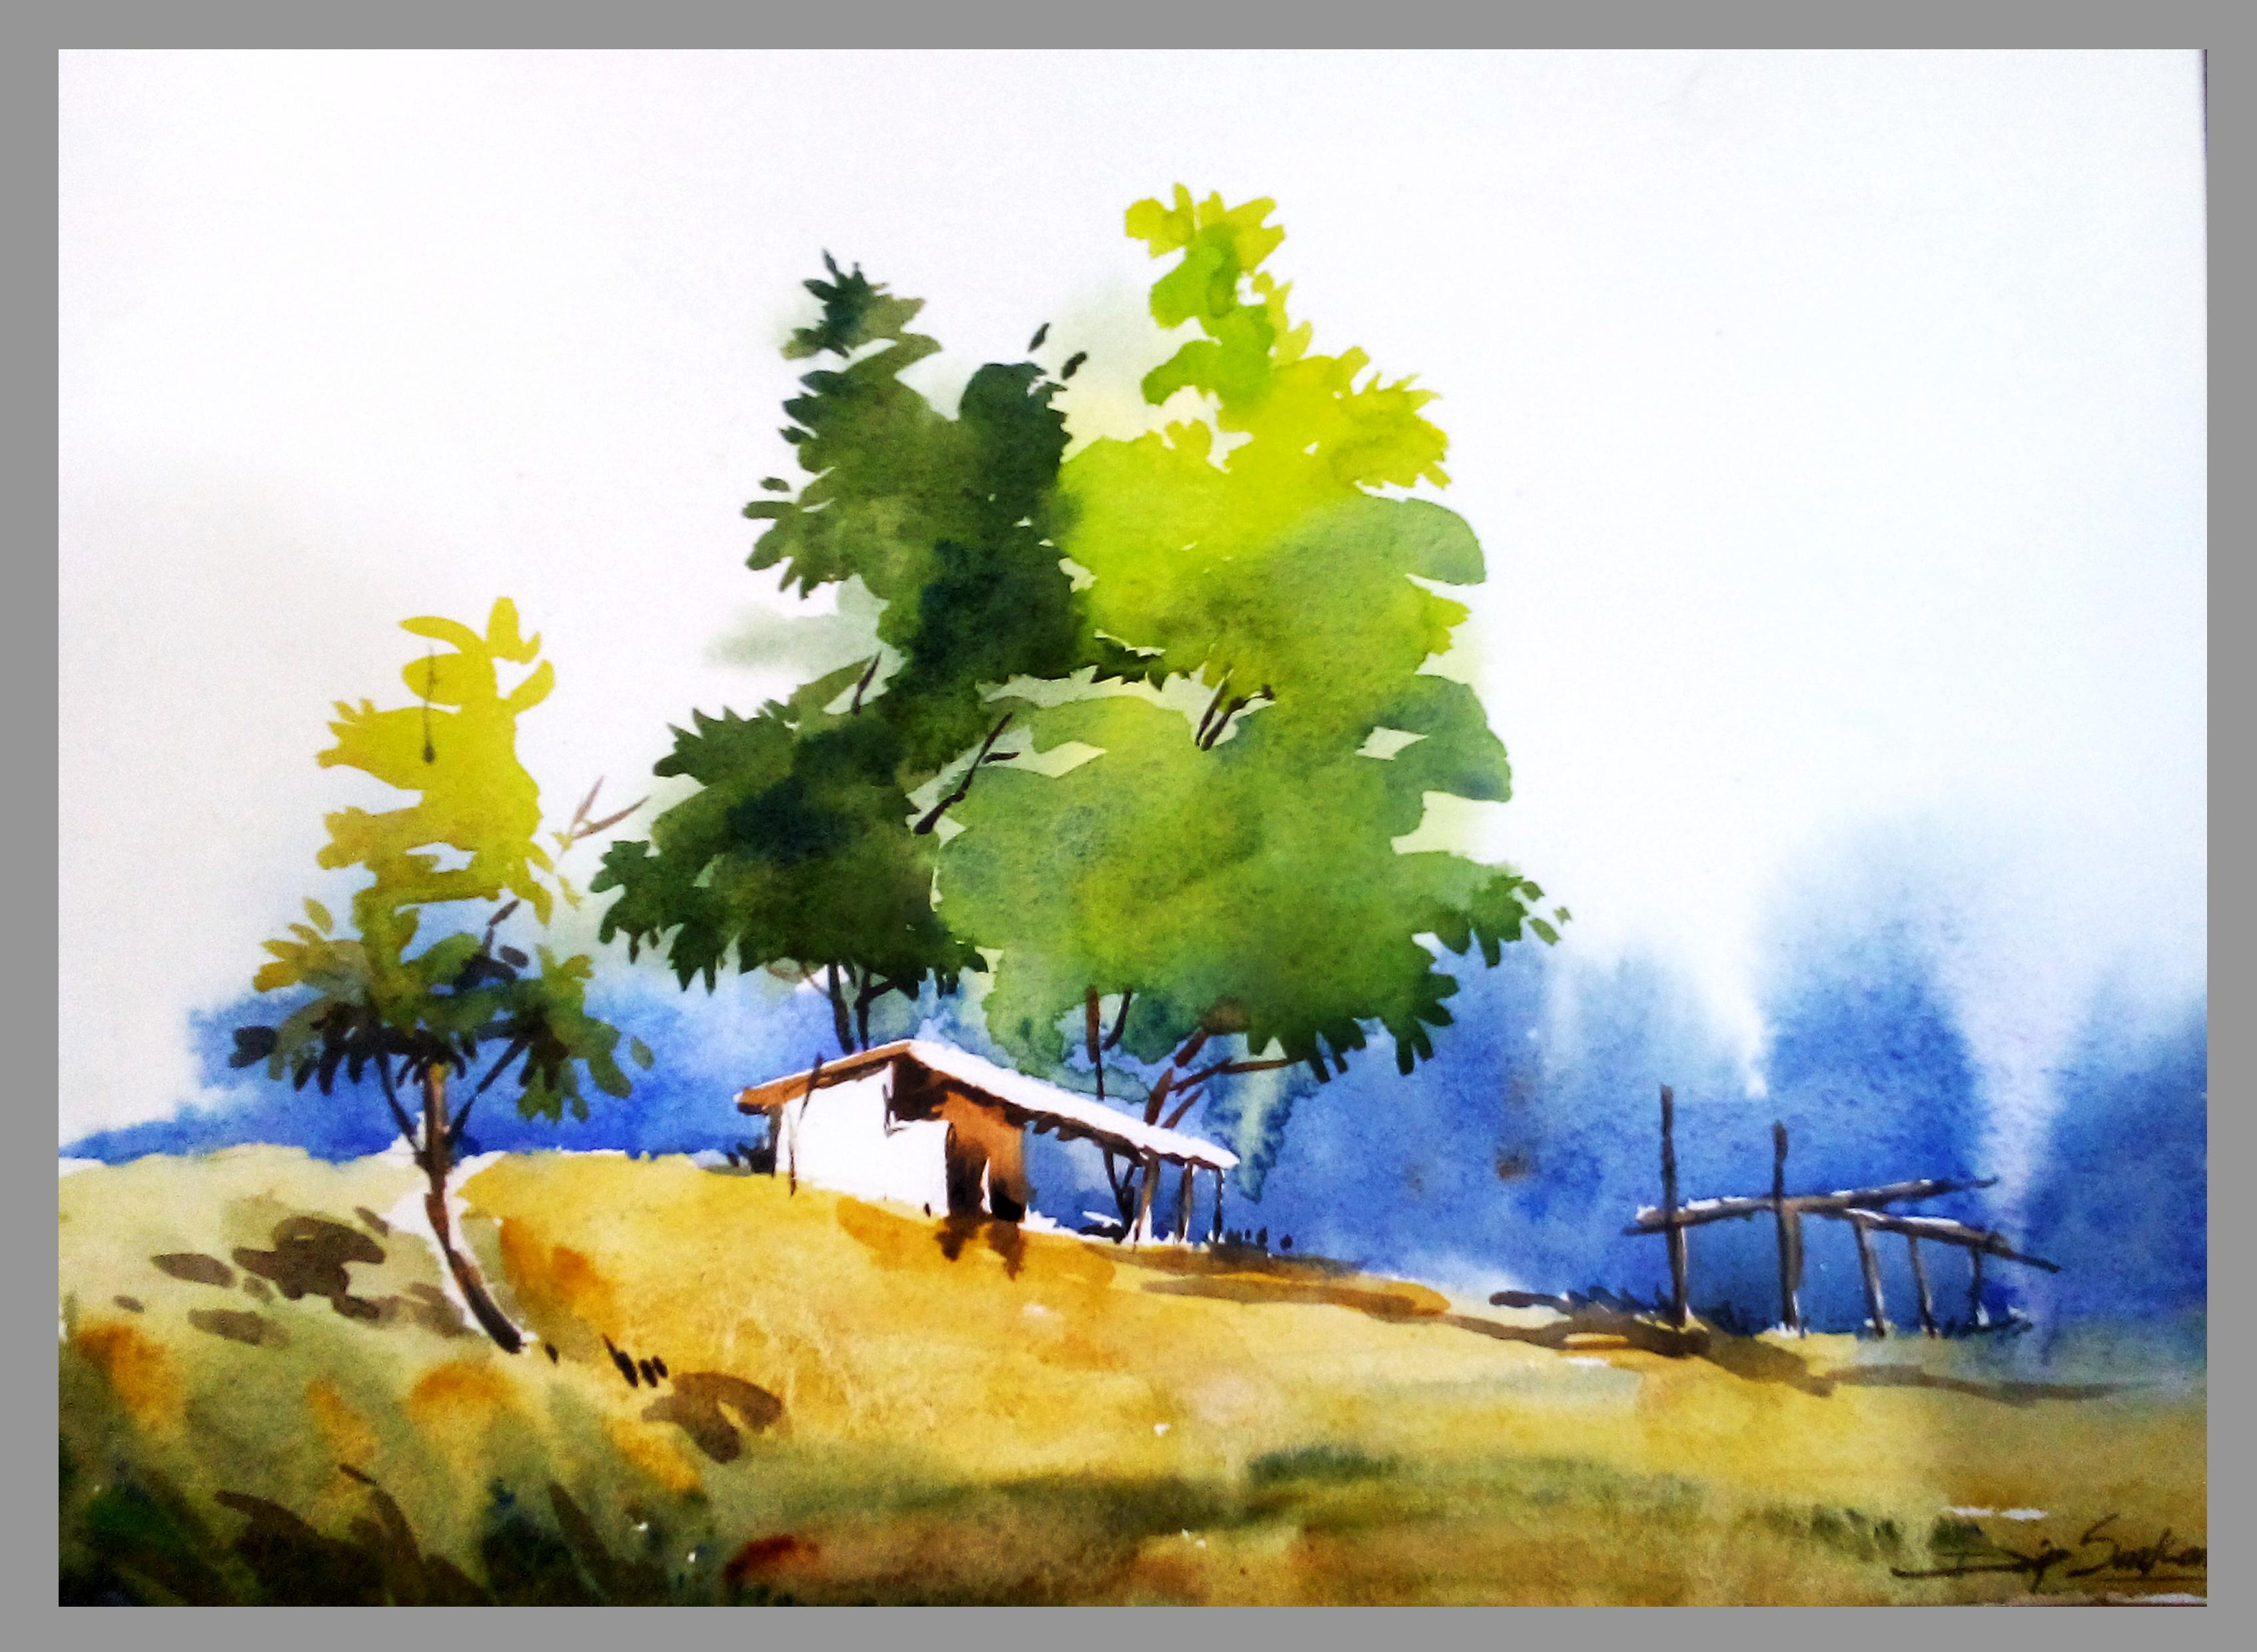 Watercolour On Paper Watercolor Landscape Paintings Landscape Drawings Watercolor Flowers Paintings